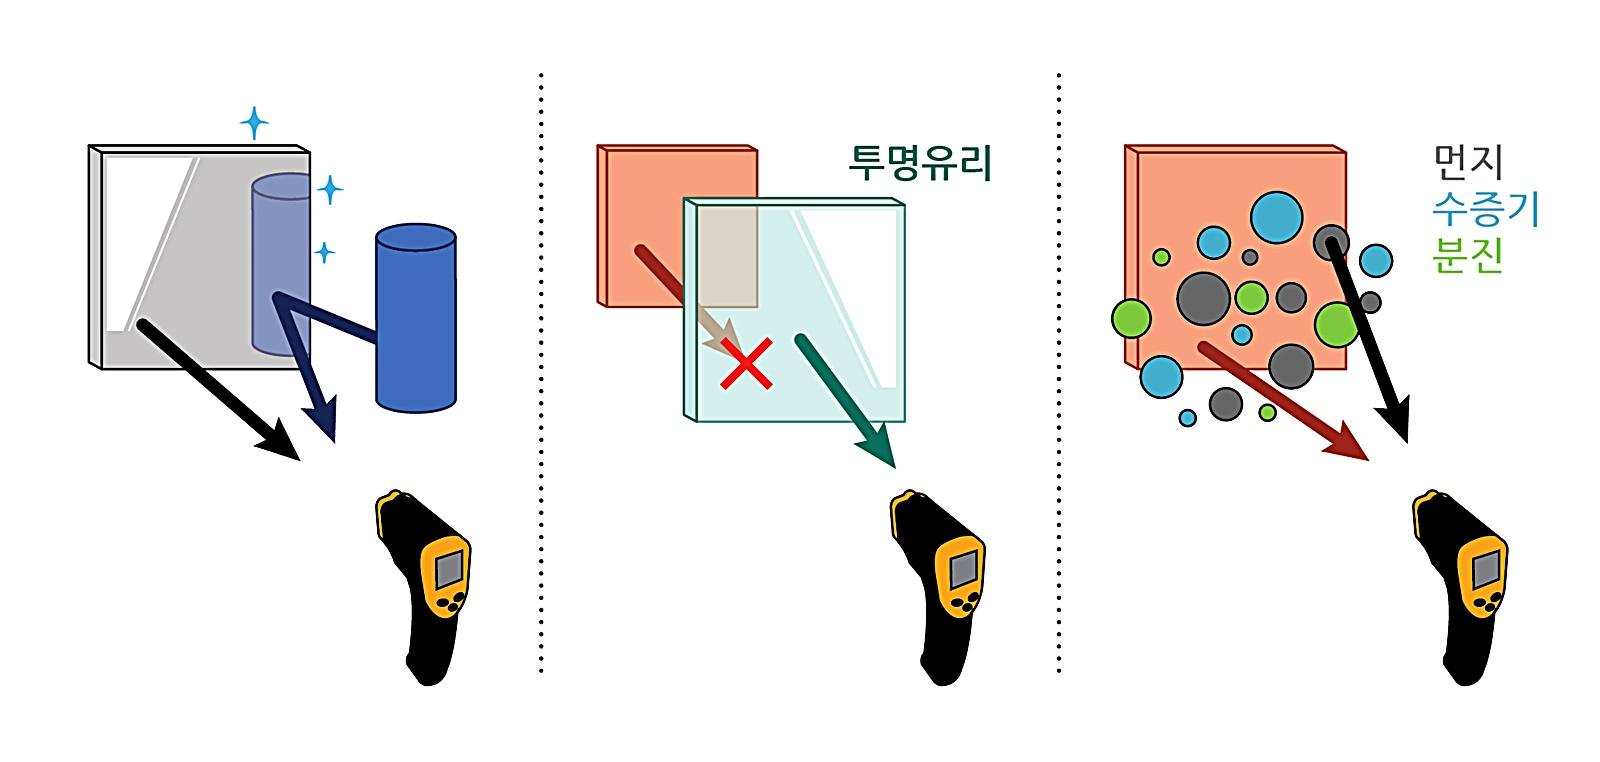 적외선 온도계 측정 불가 경우들